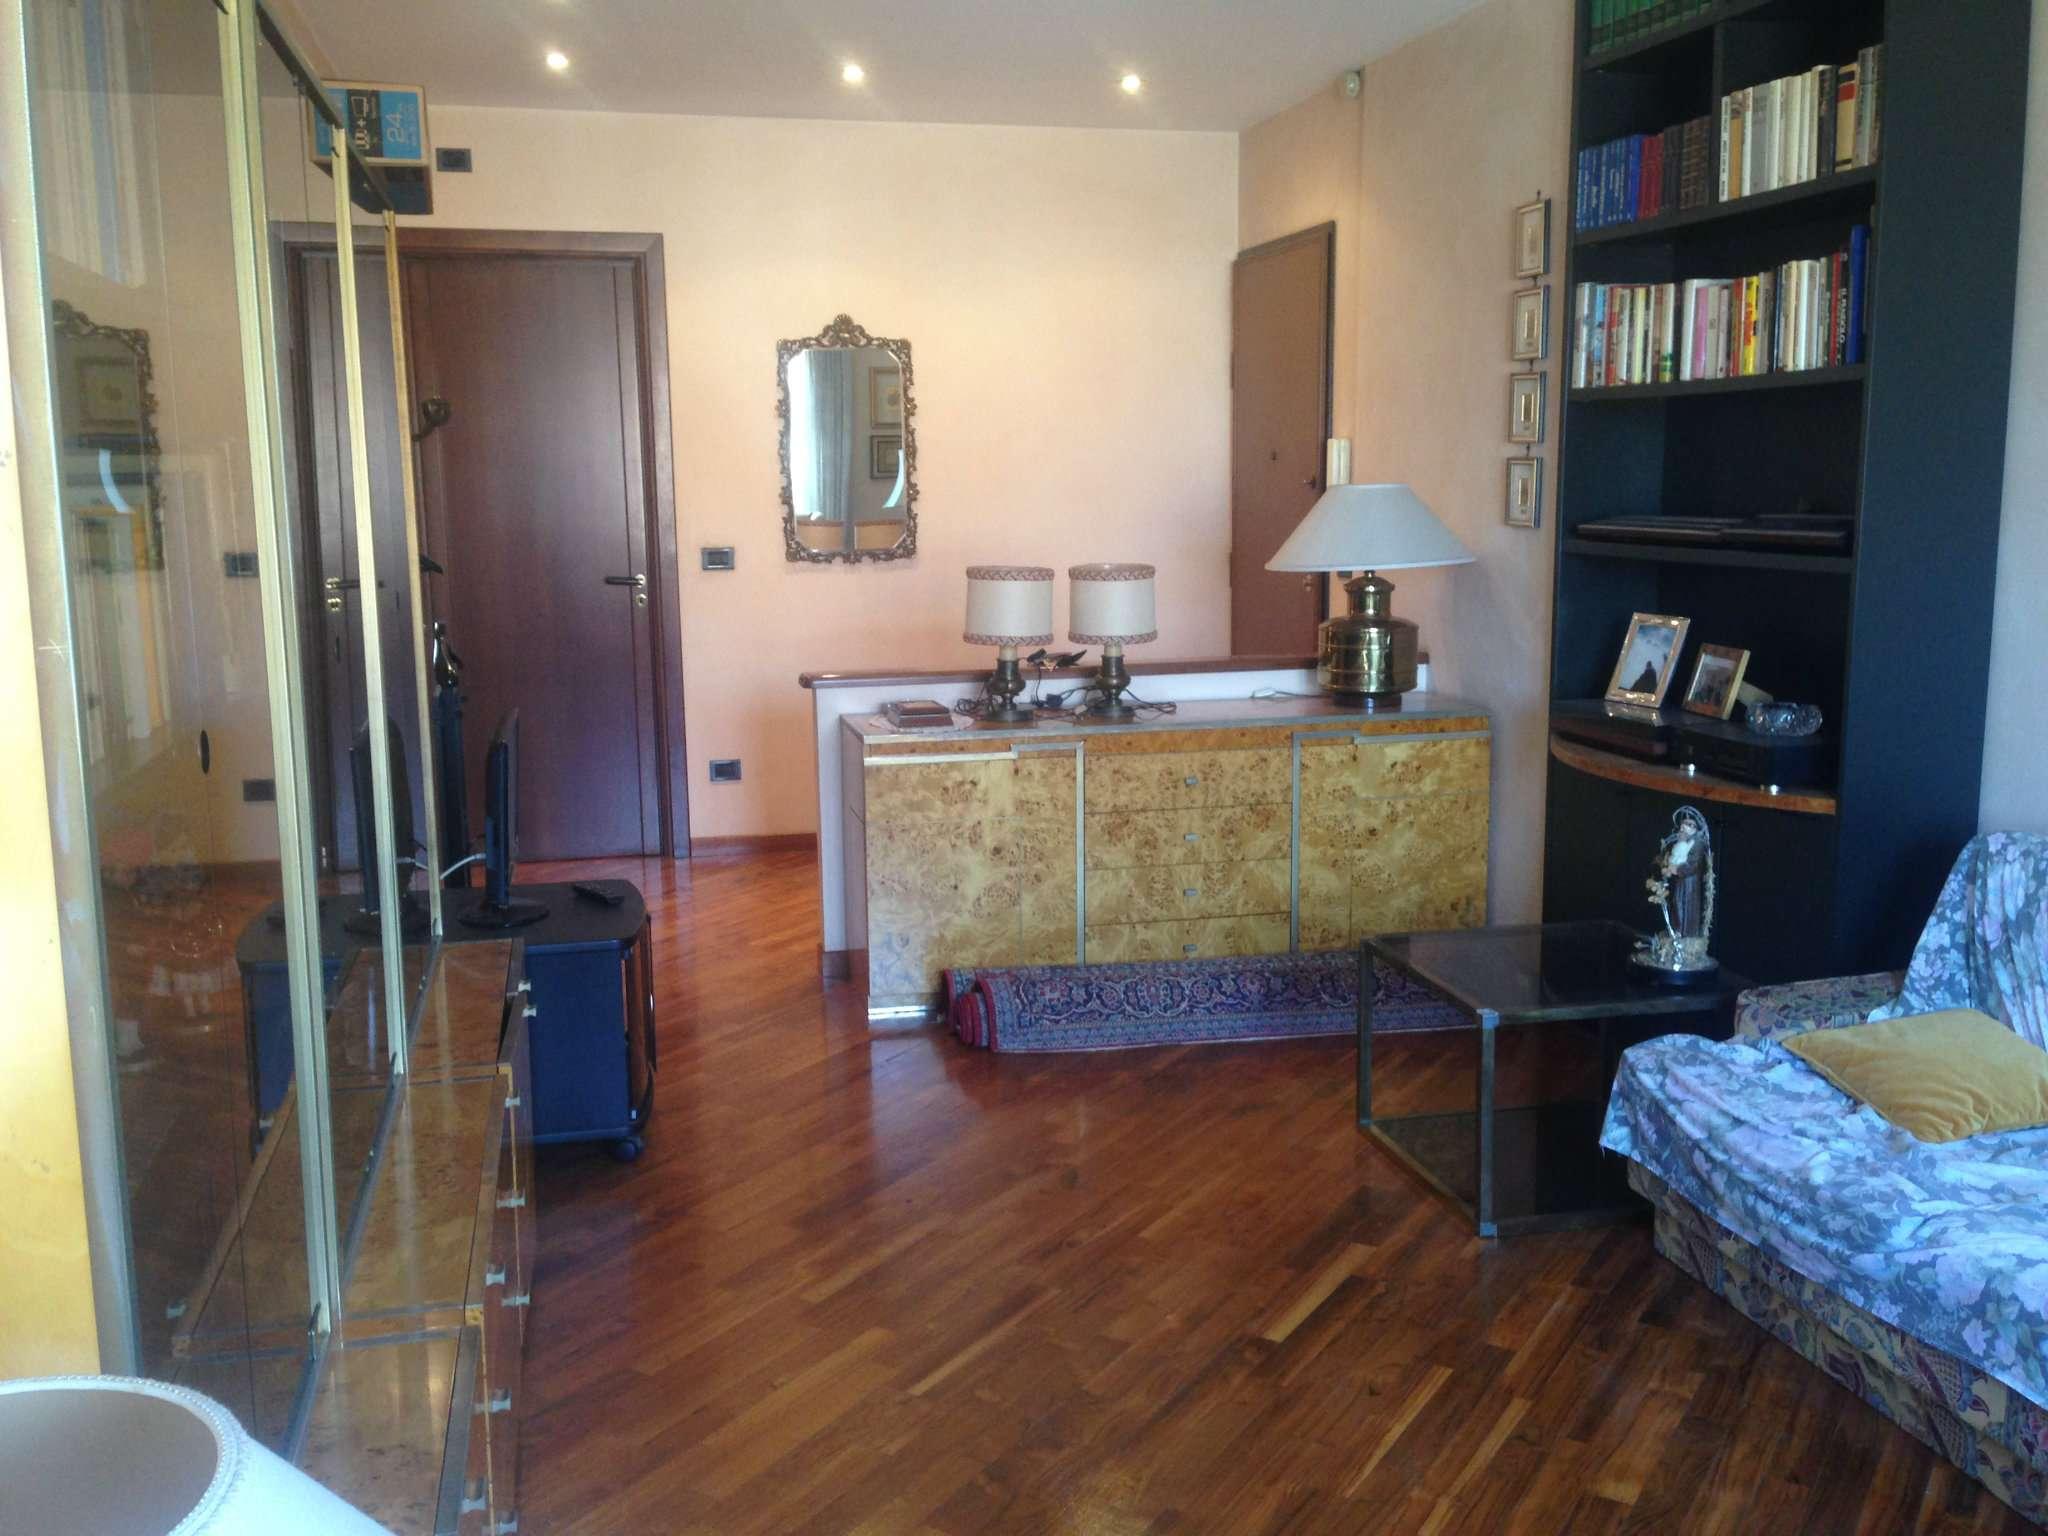 Appartamento in vendita a San Mauro Torinese, 3 locali, prezzo € 157.000 | CambioCasa.it